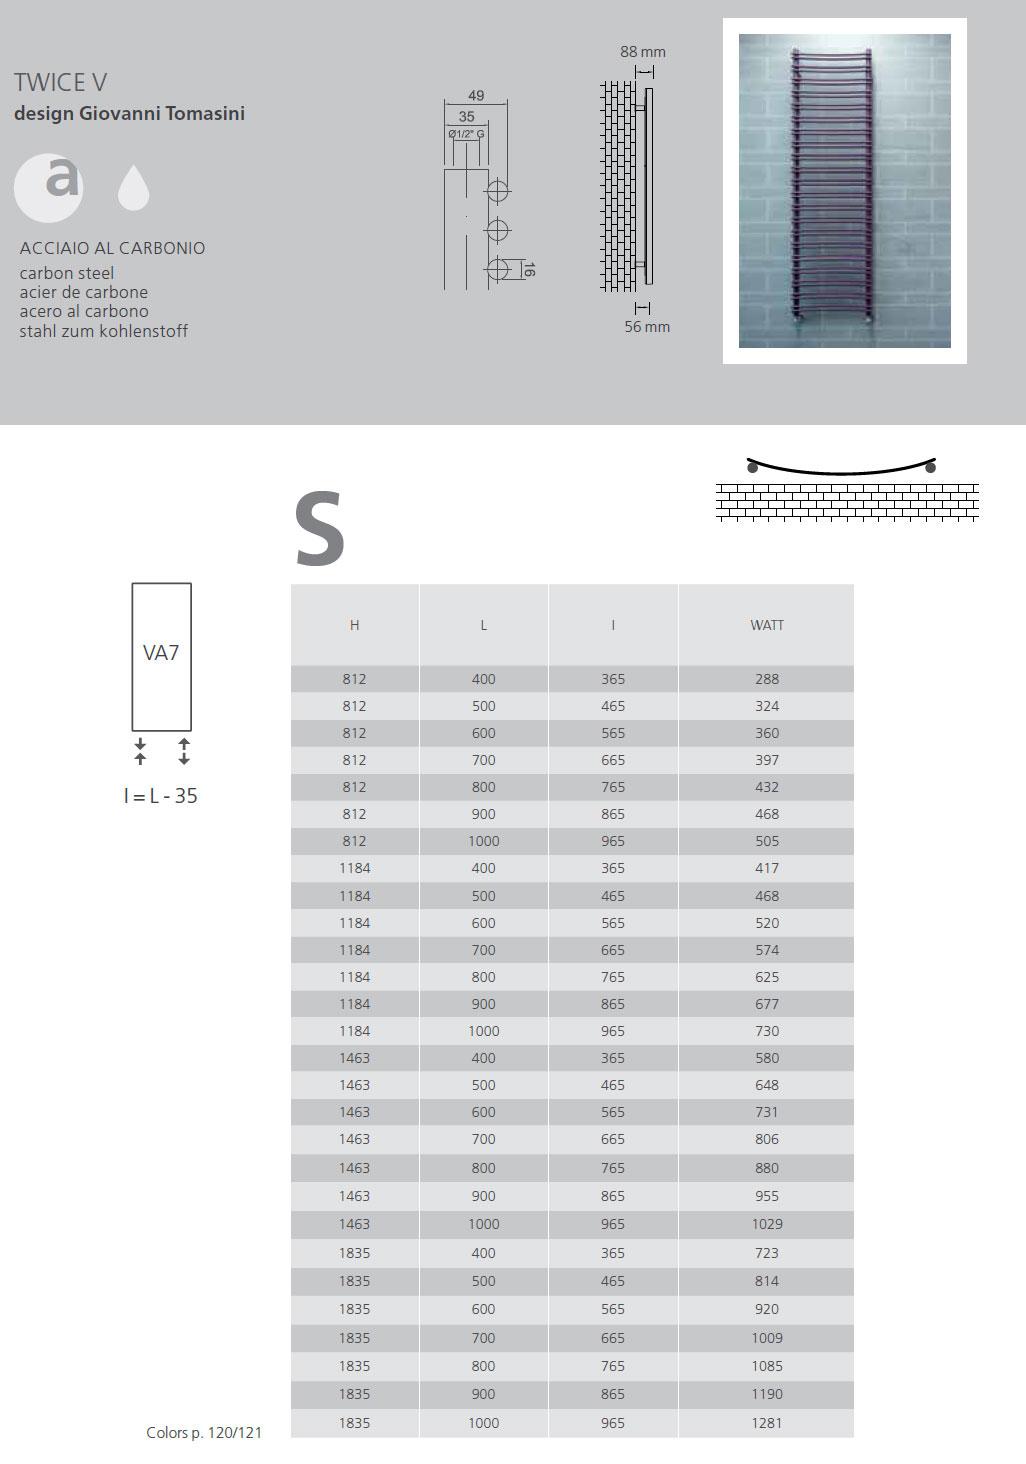 scheda-tecnica-scaldasalviette-graziano-radiators-twice-v-2019